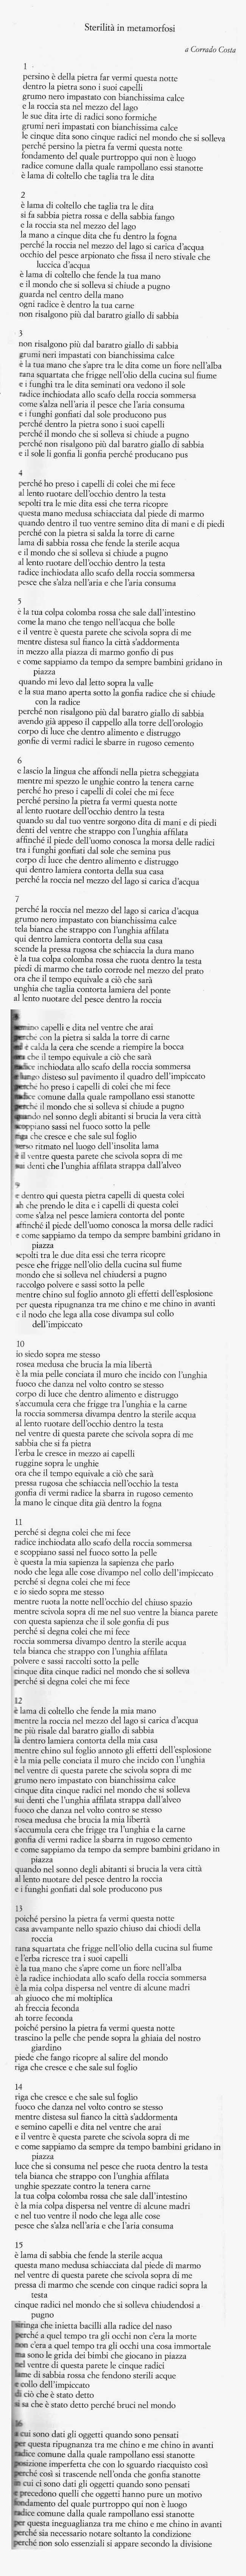 """Adriano Spatola, da """"L'ebreo Negro"""" (1966), oggi in """"Le poesie"""", Edizioni delle poesie di Adriano Spatola, 2012"""